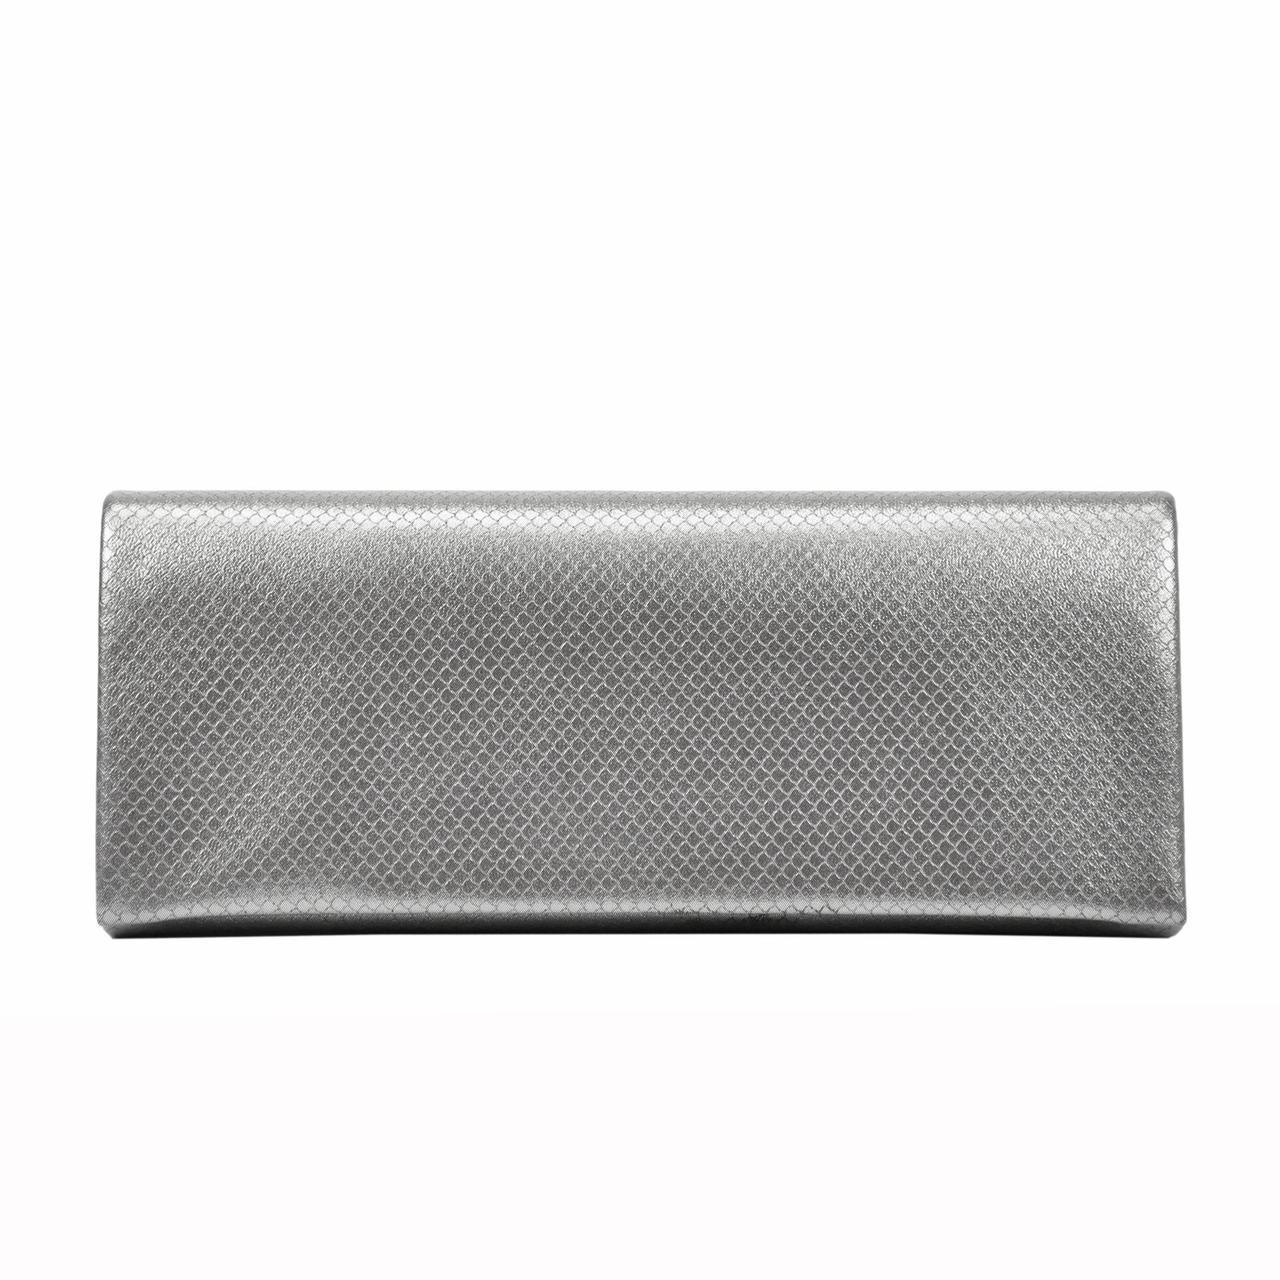 Женская сумка из экокожи Jessica XL-9191 Серый